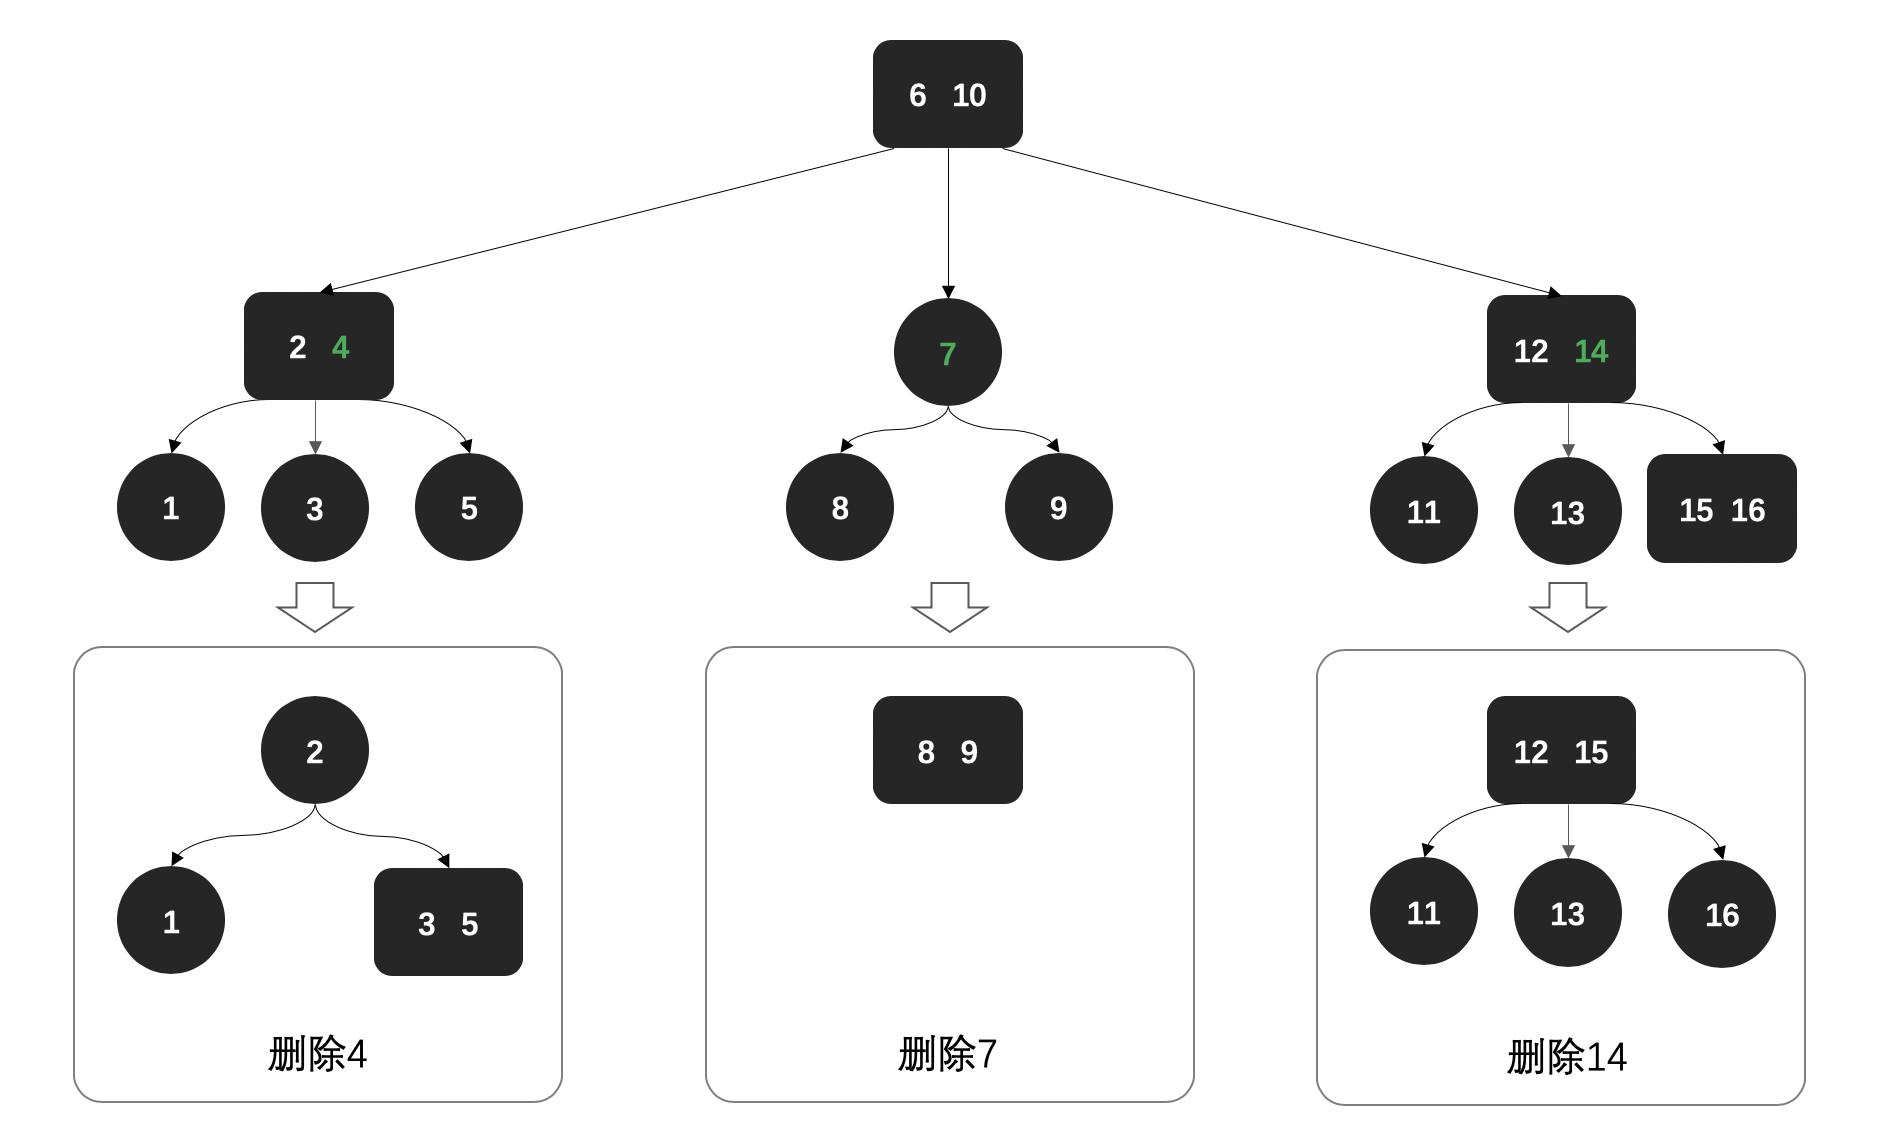 公众号:bugstack虫洞栈 & 复杂树删除过程